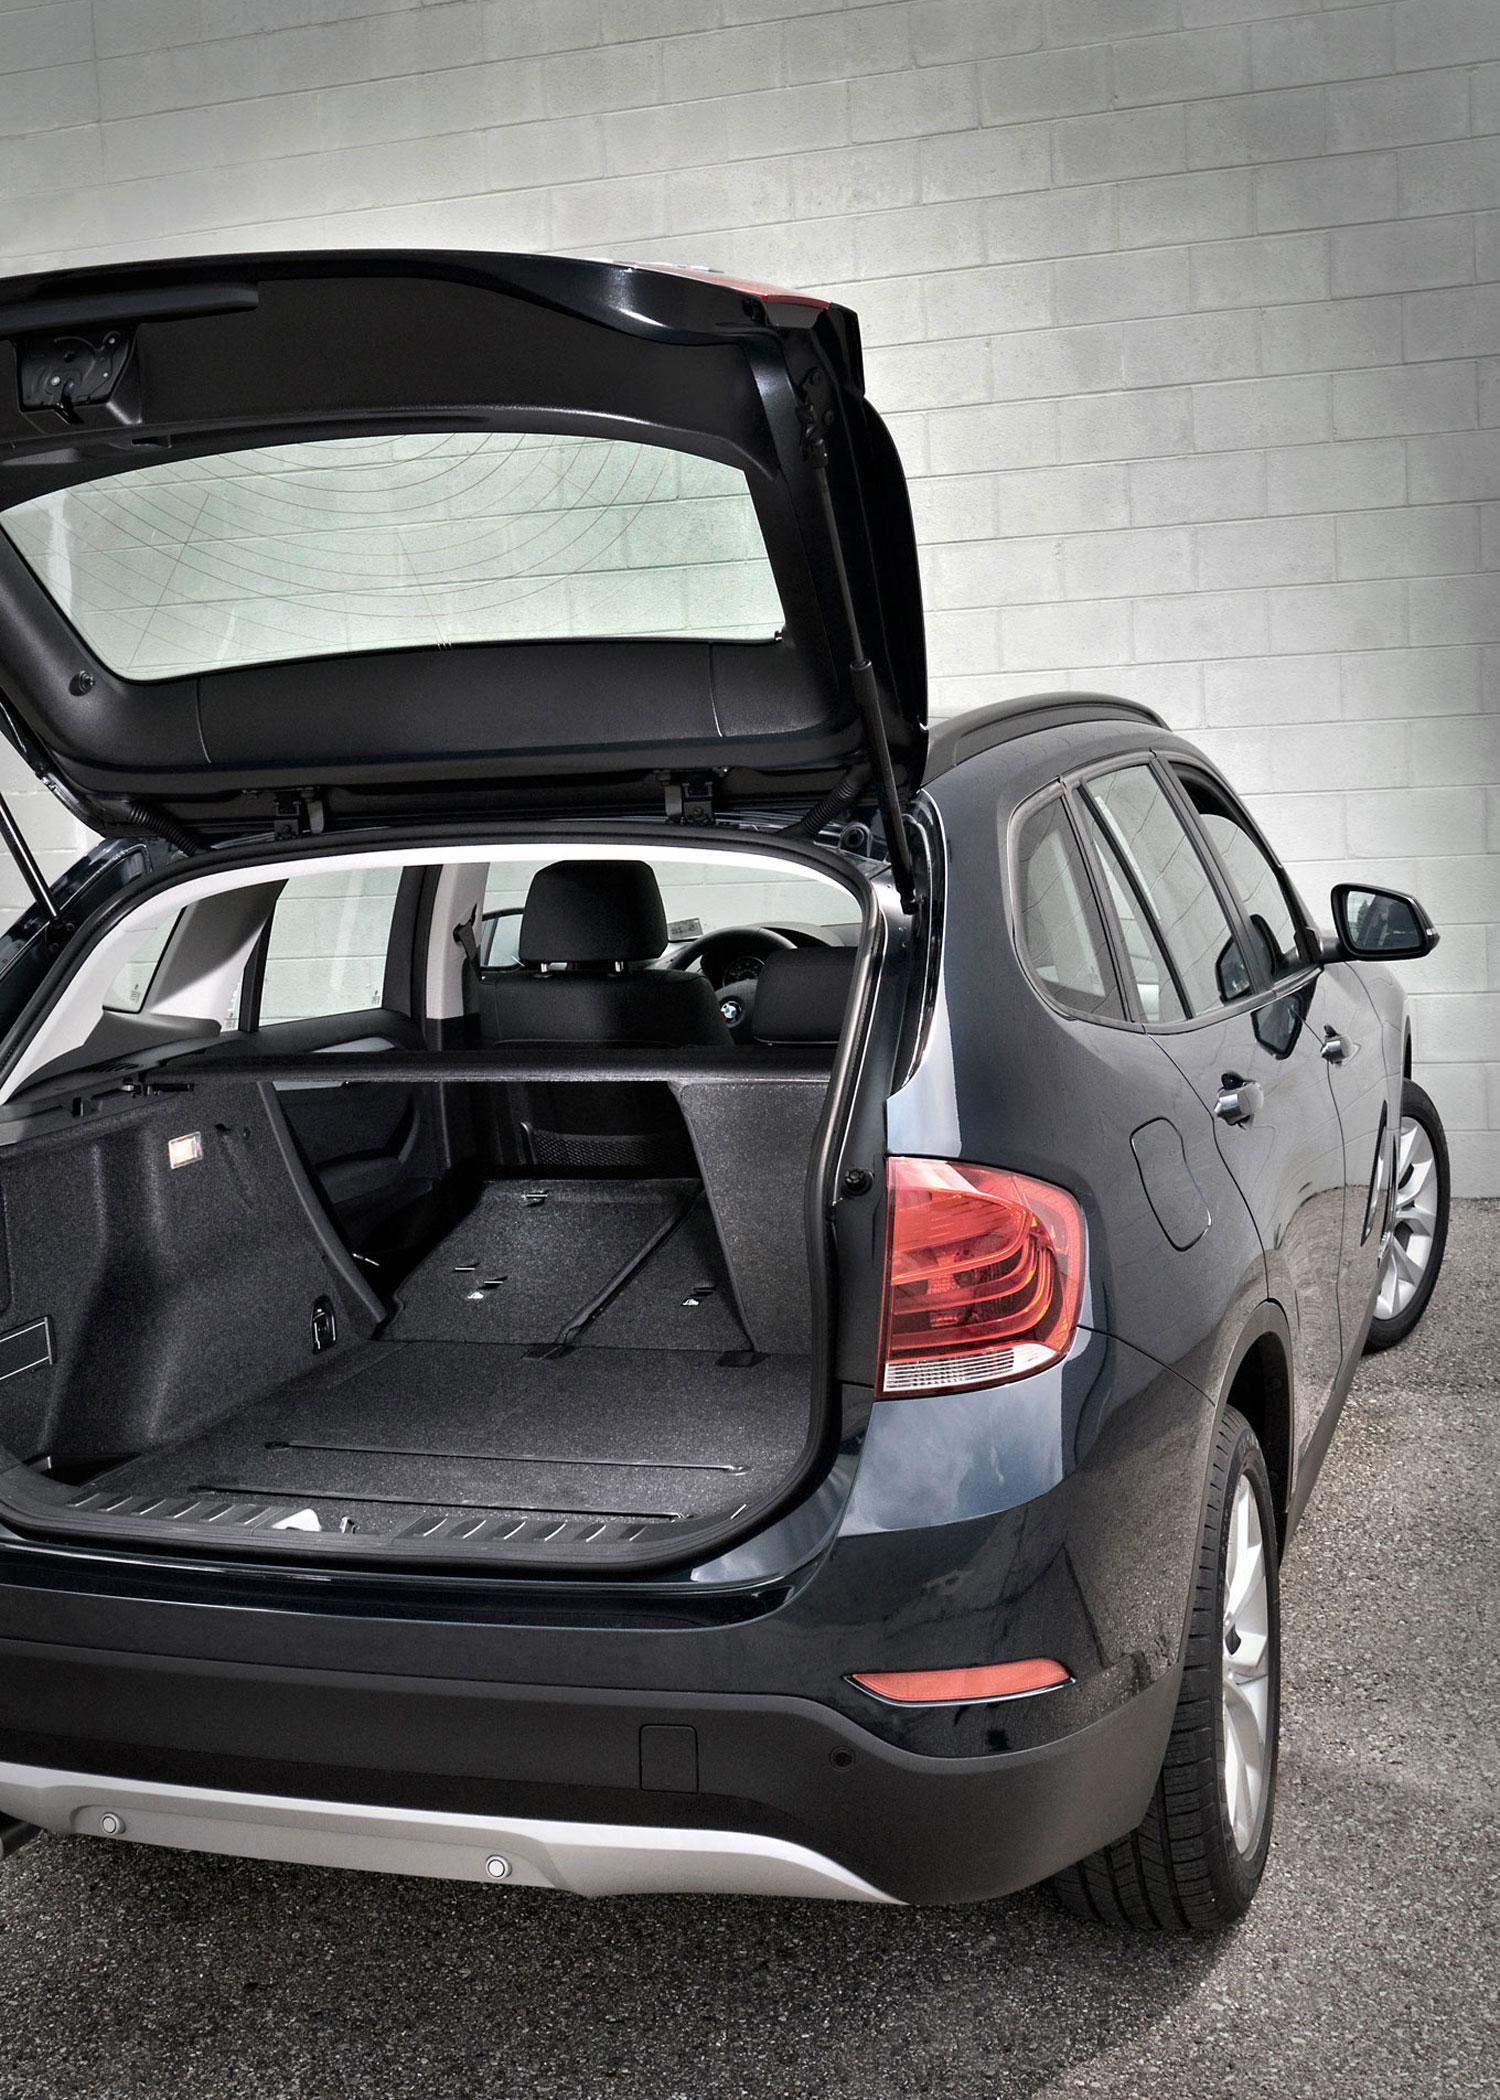 2014 BMW X1 xDrive28i - Four Seasons Wrap-Up